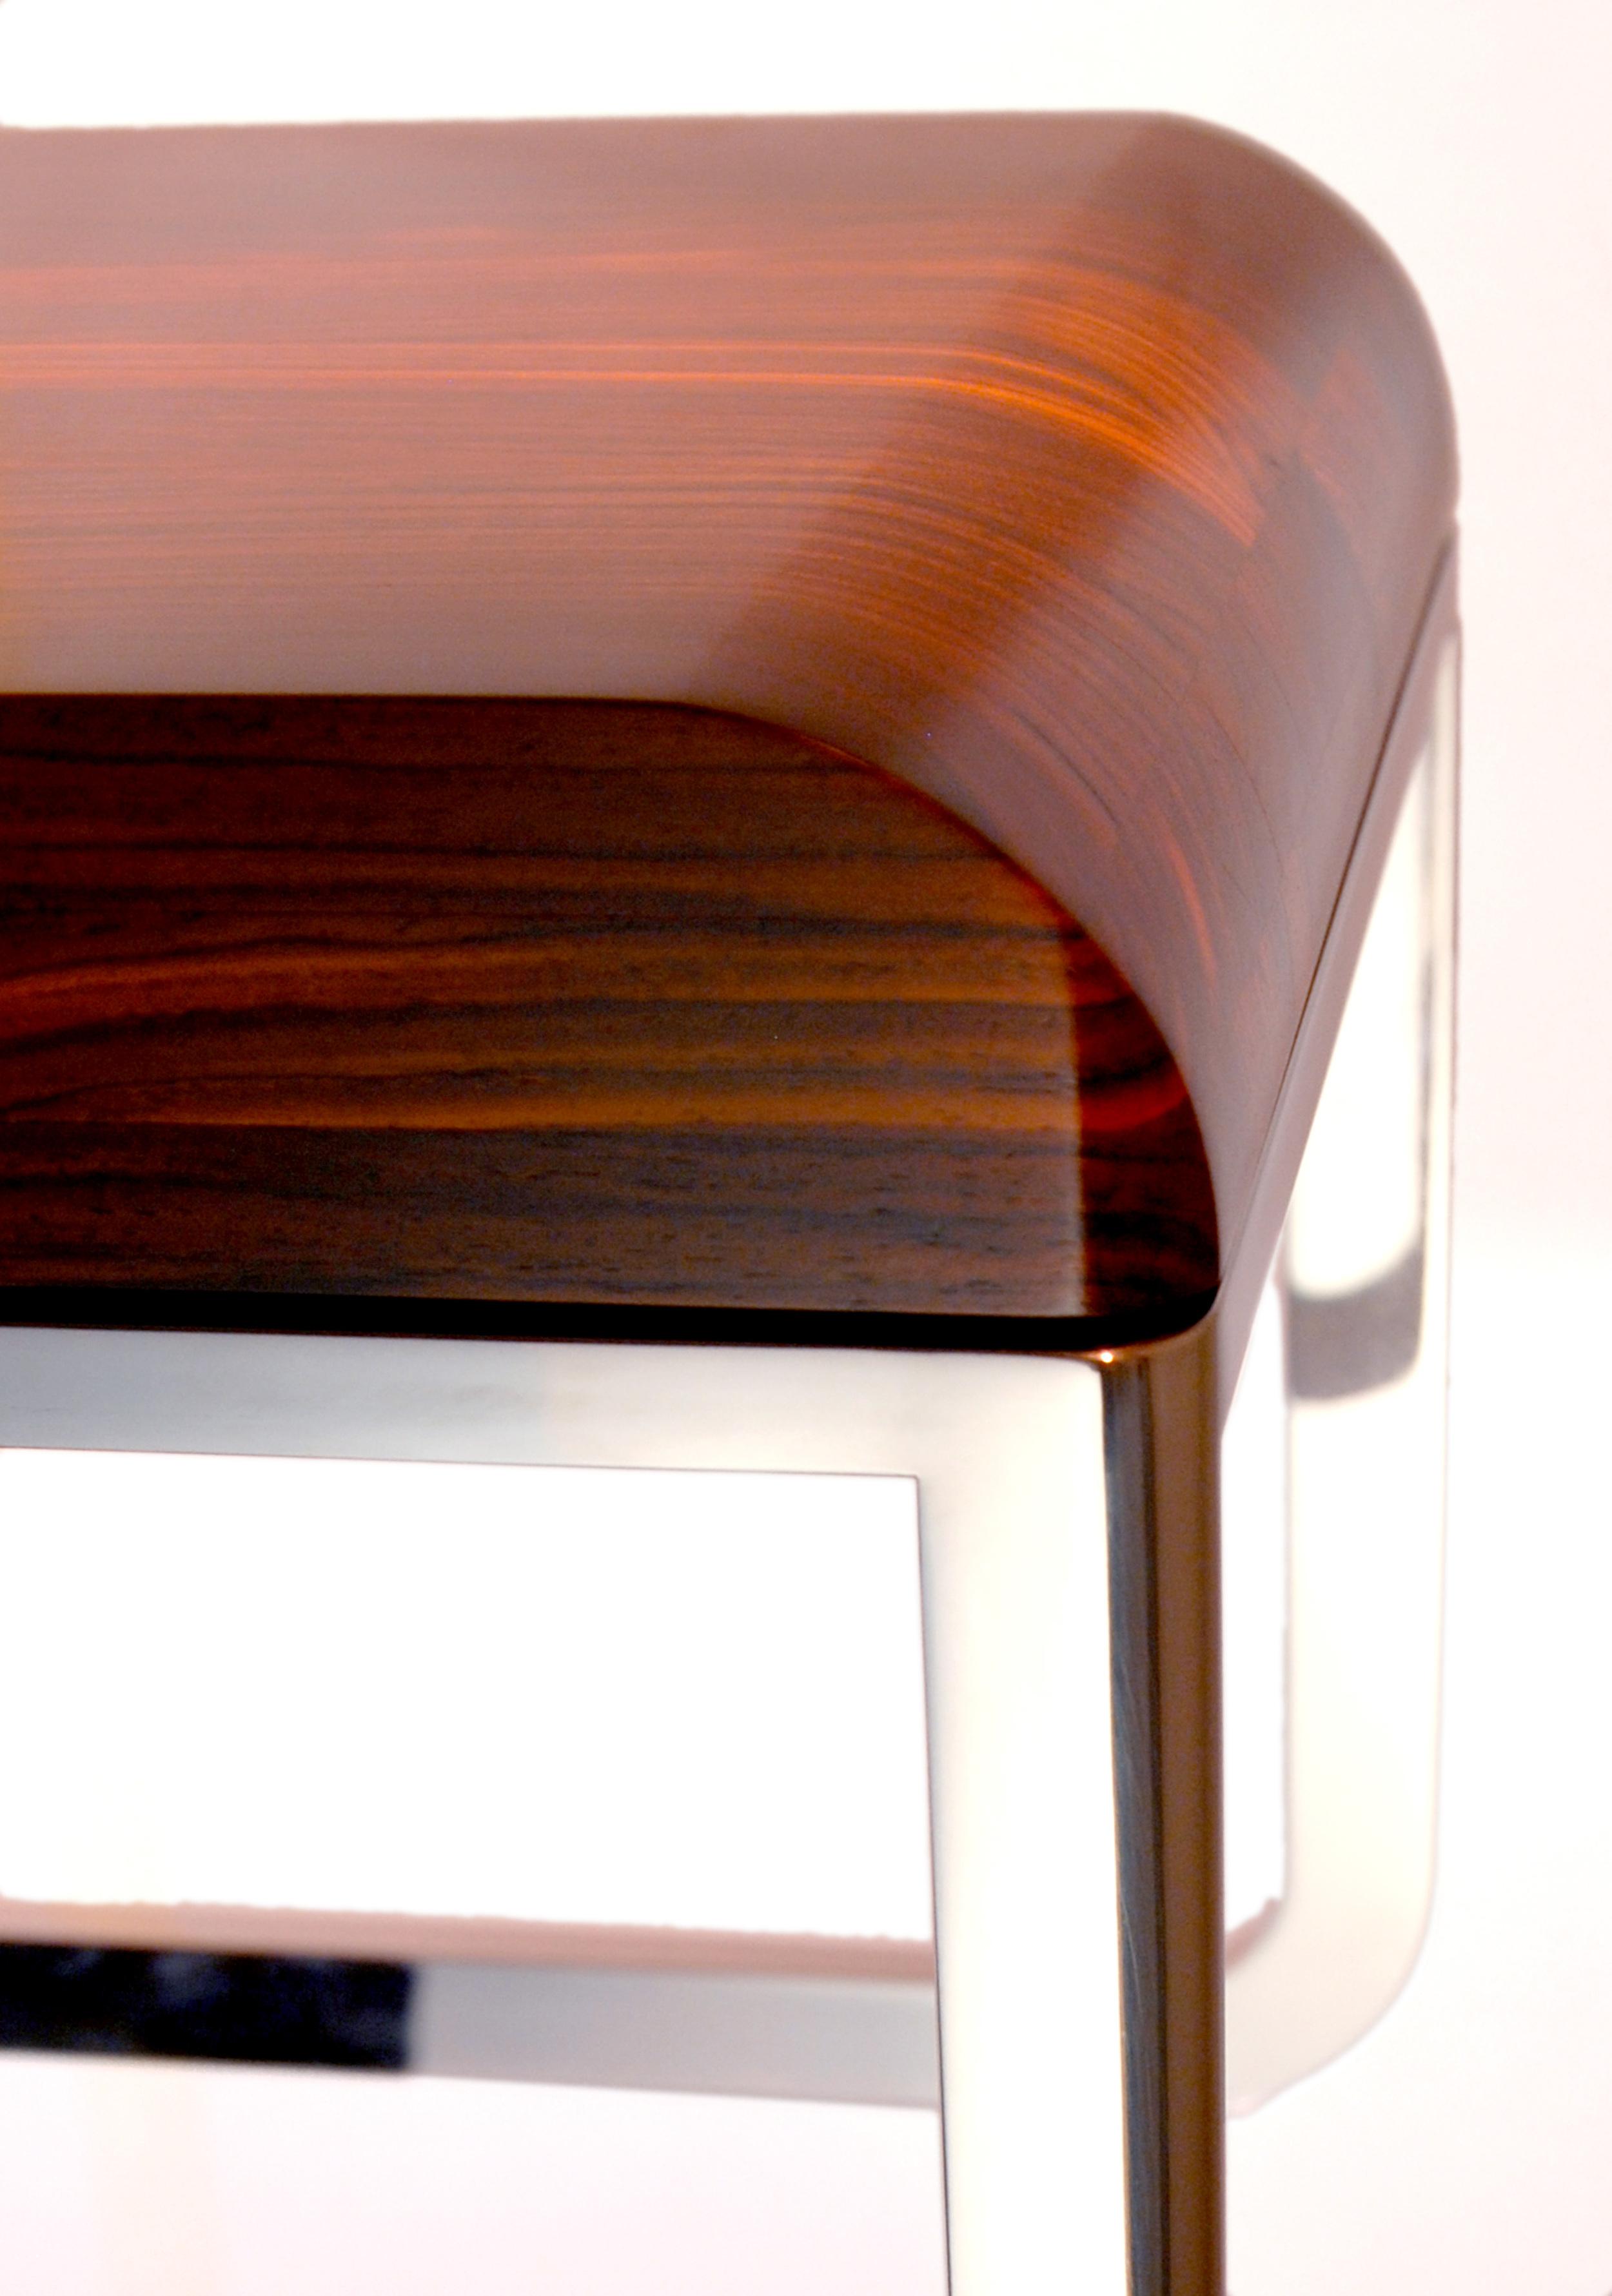 sabin table detail 3.jpg